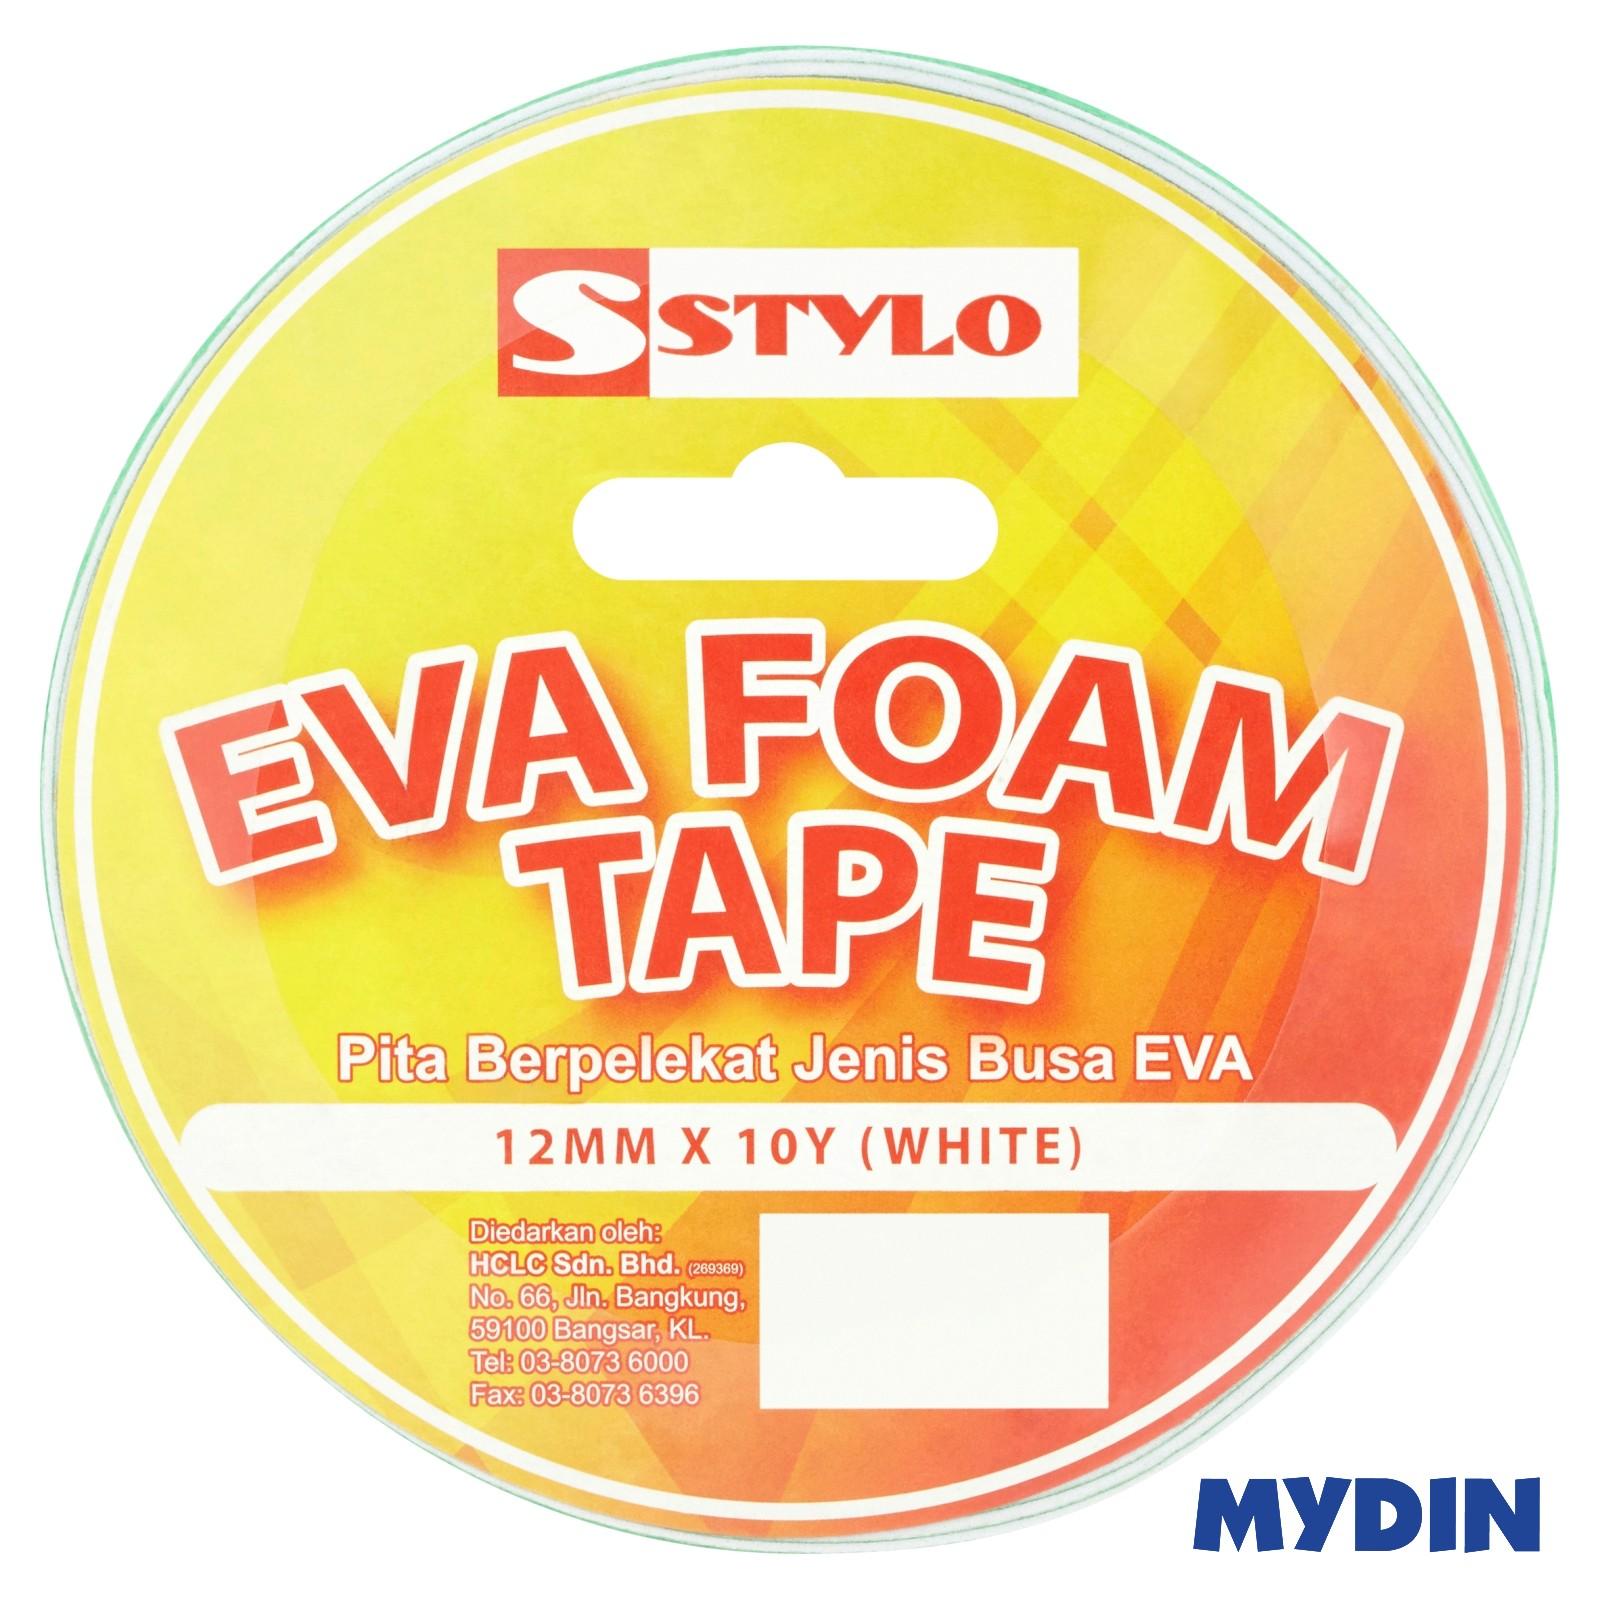 Stylo White Eva Foam Tape (12mm x 10yd)